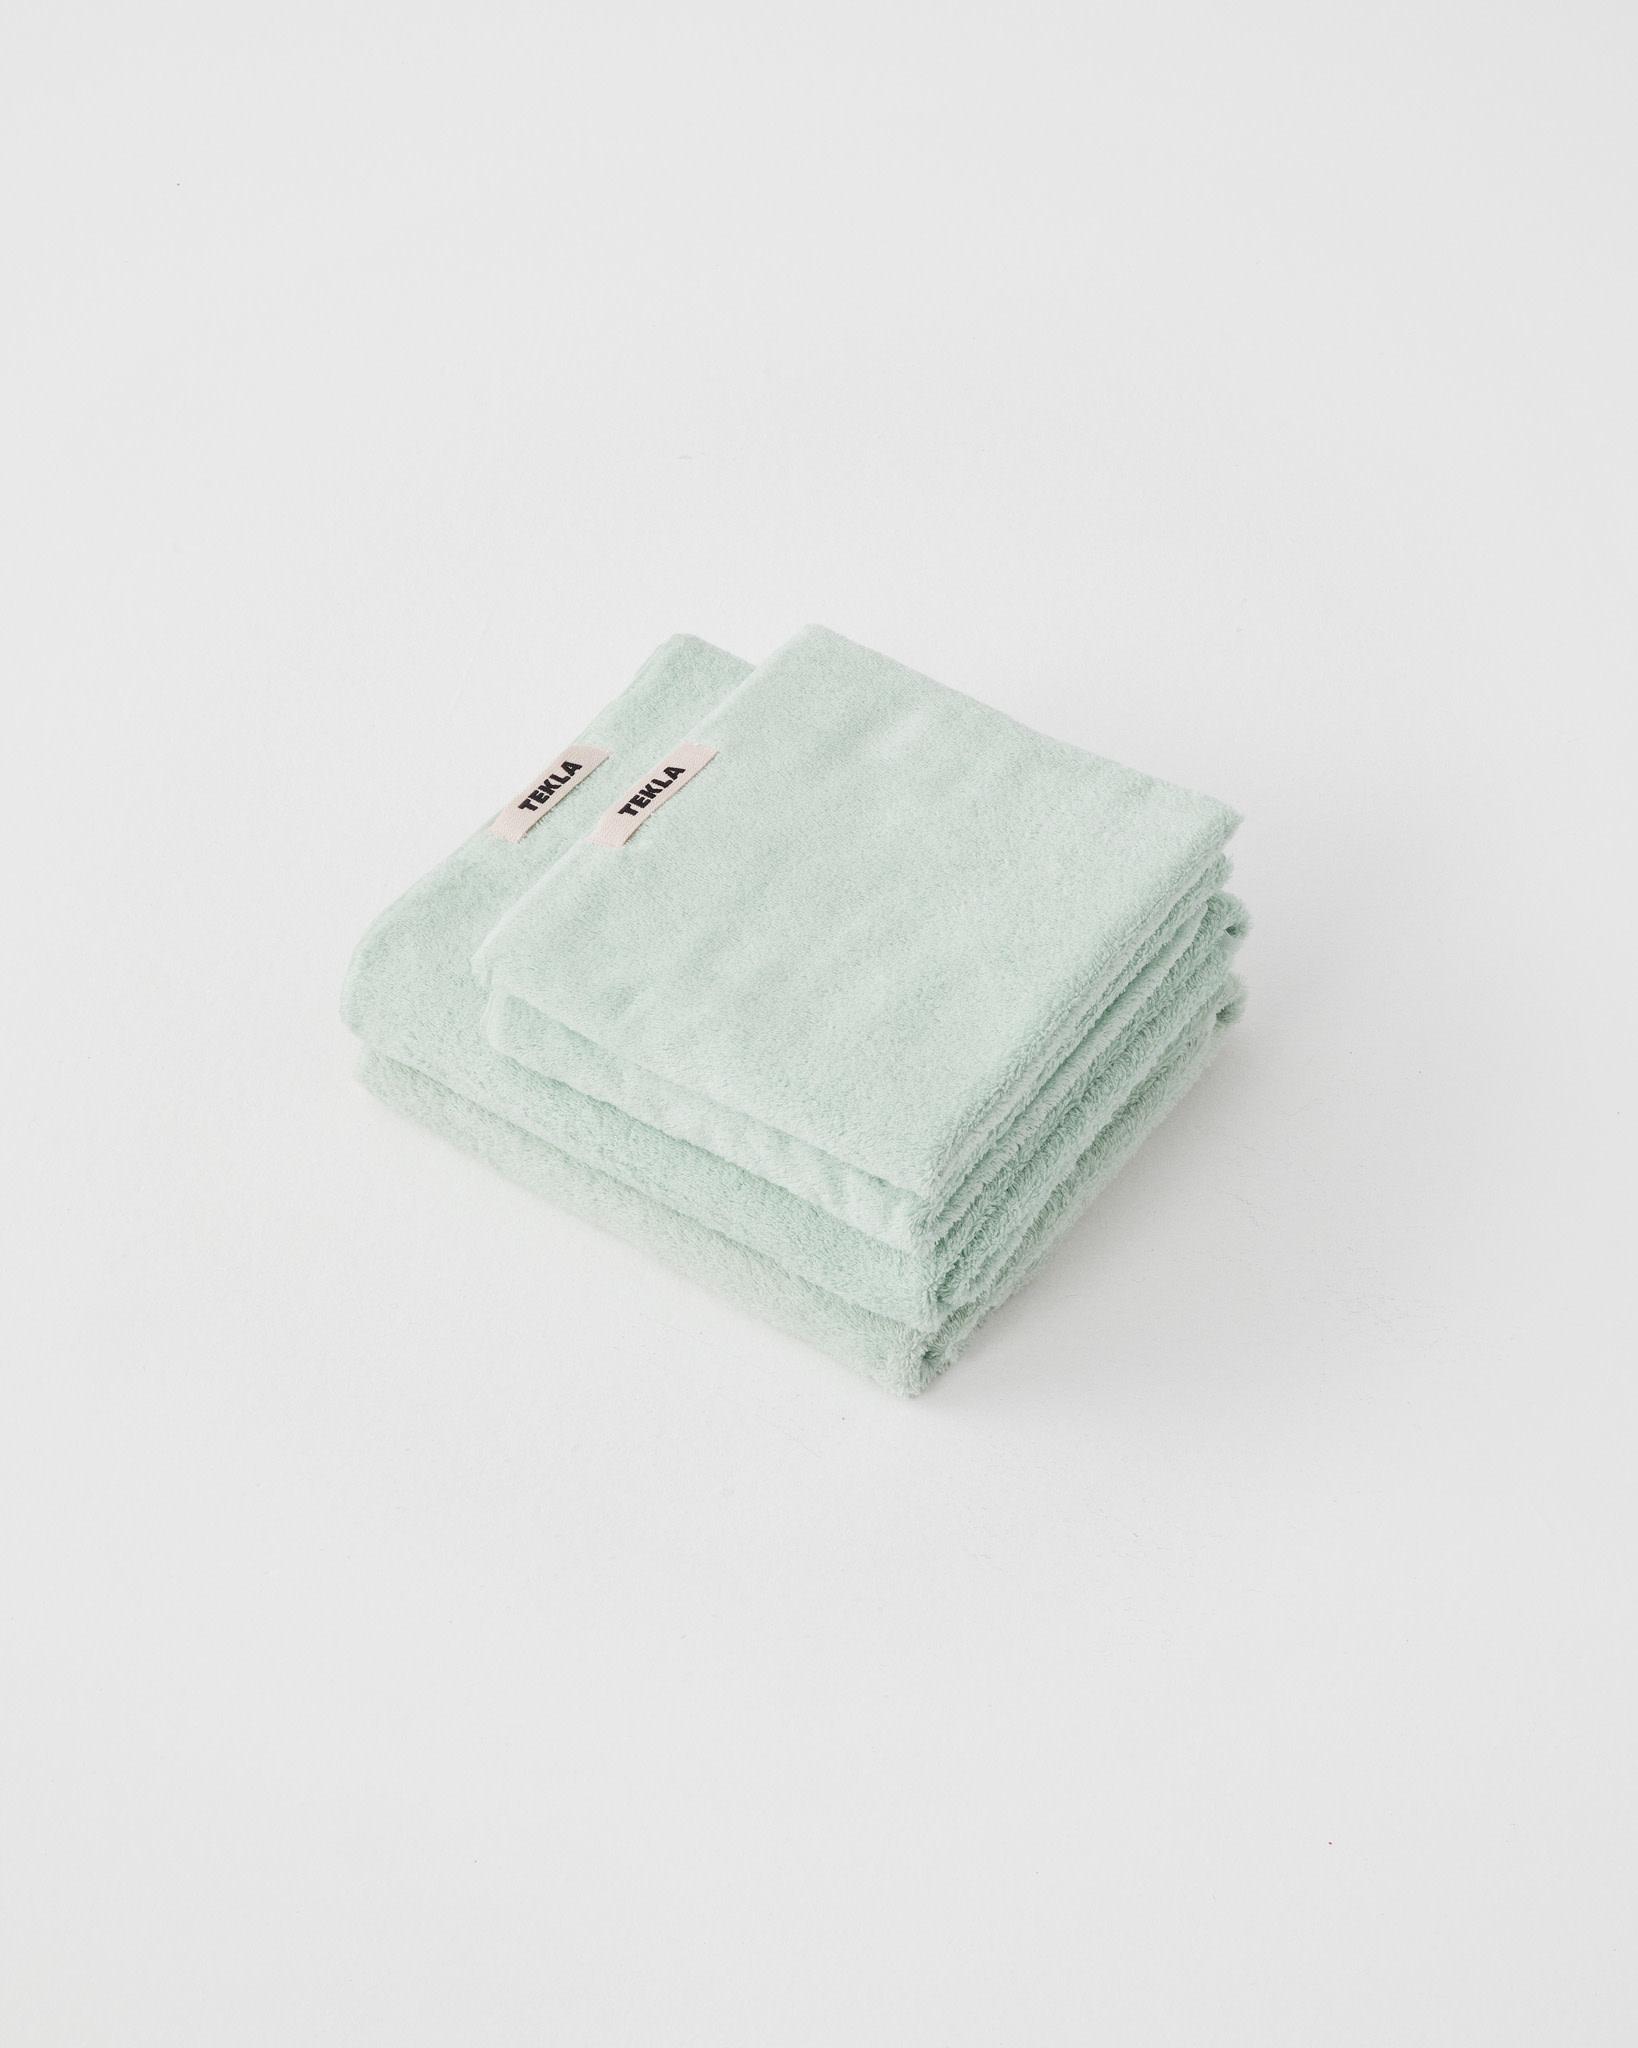 TEKLA Organic Hand Towel in Mint